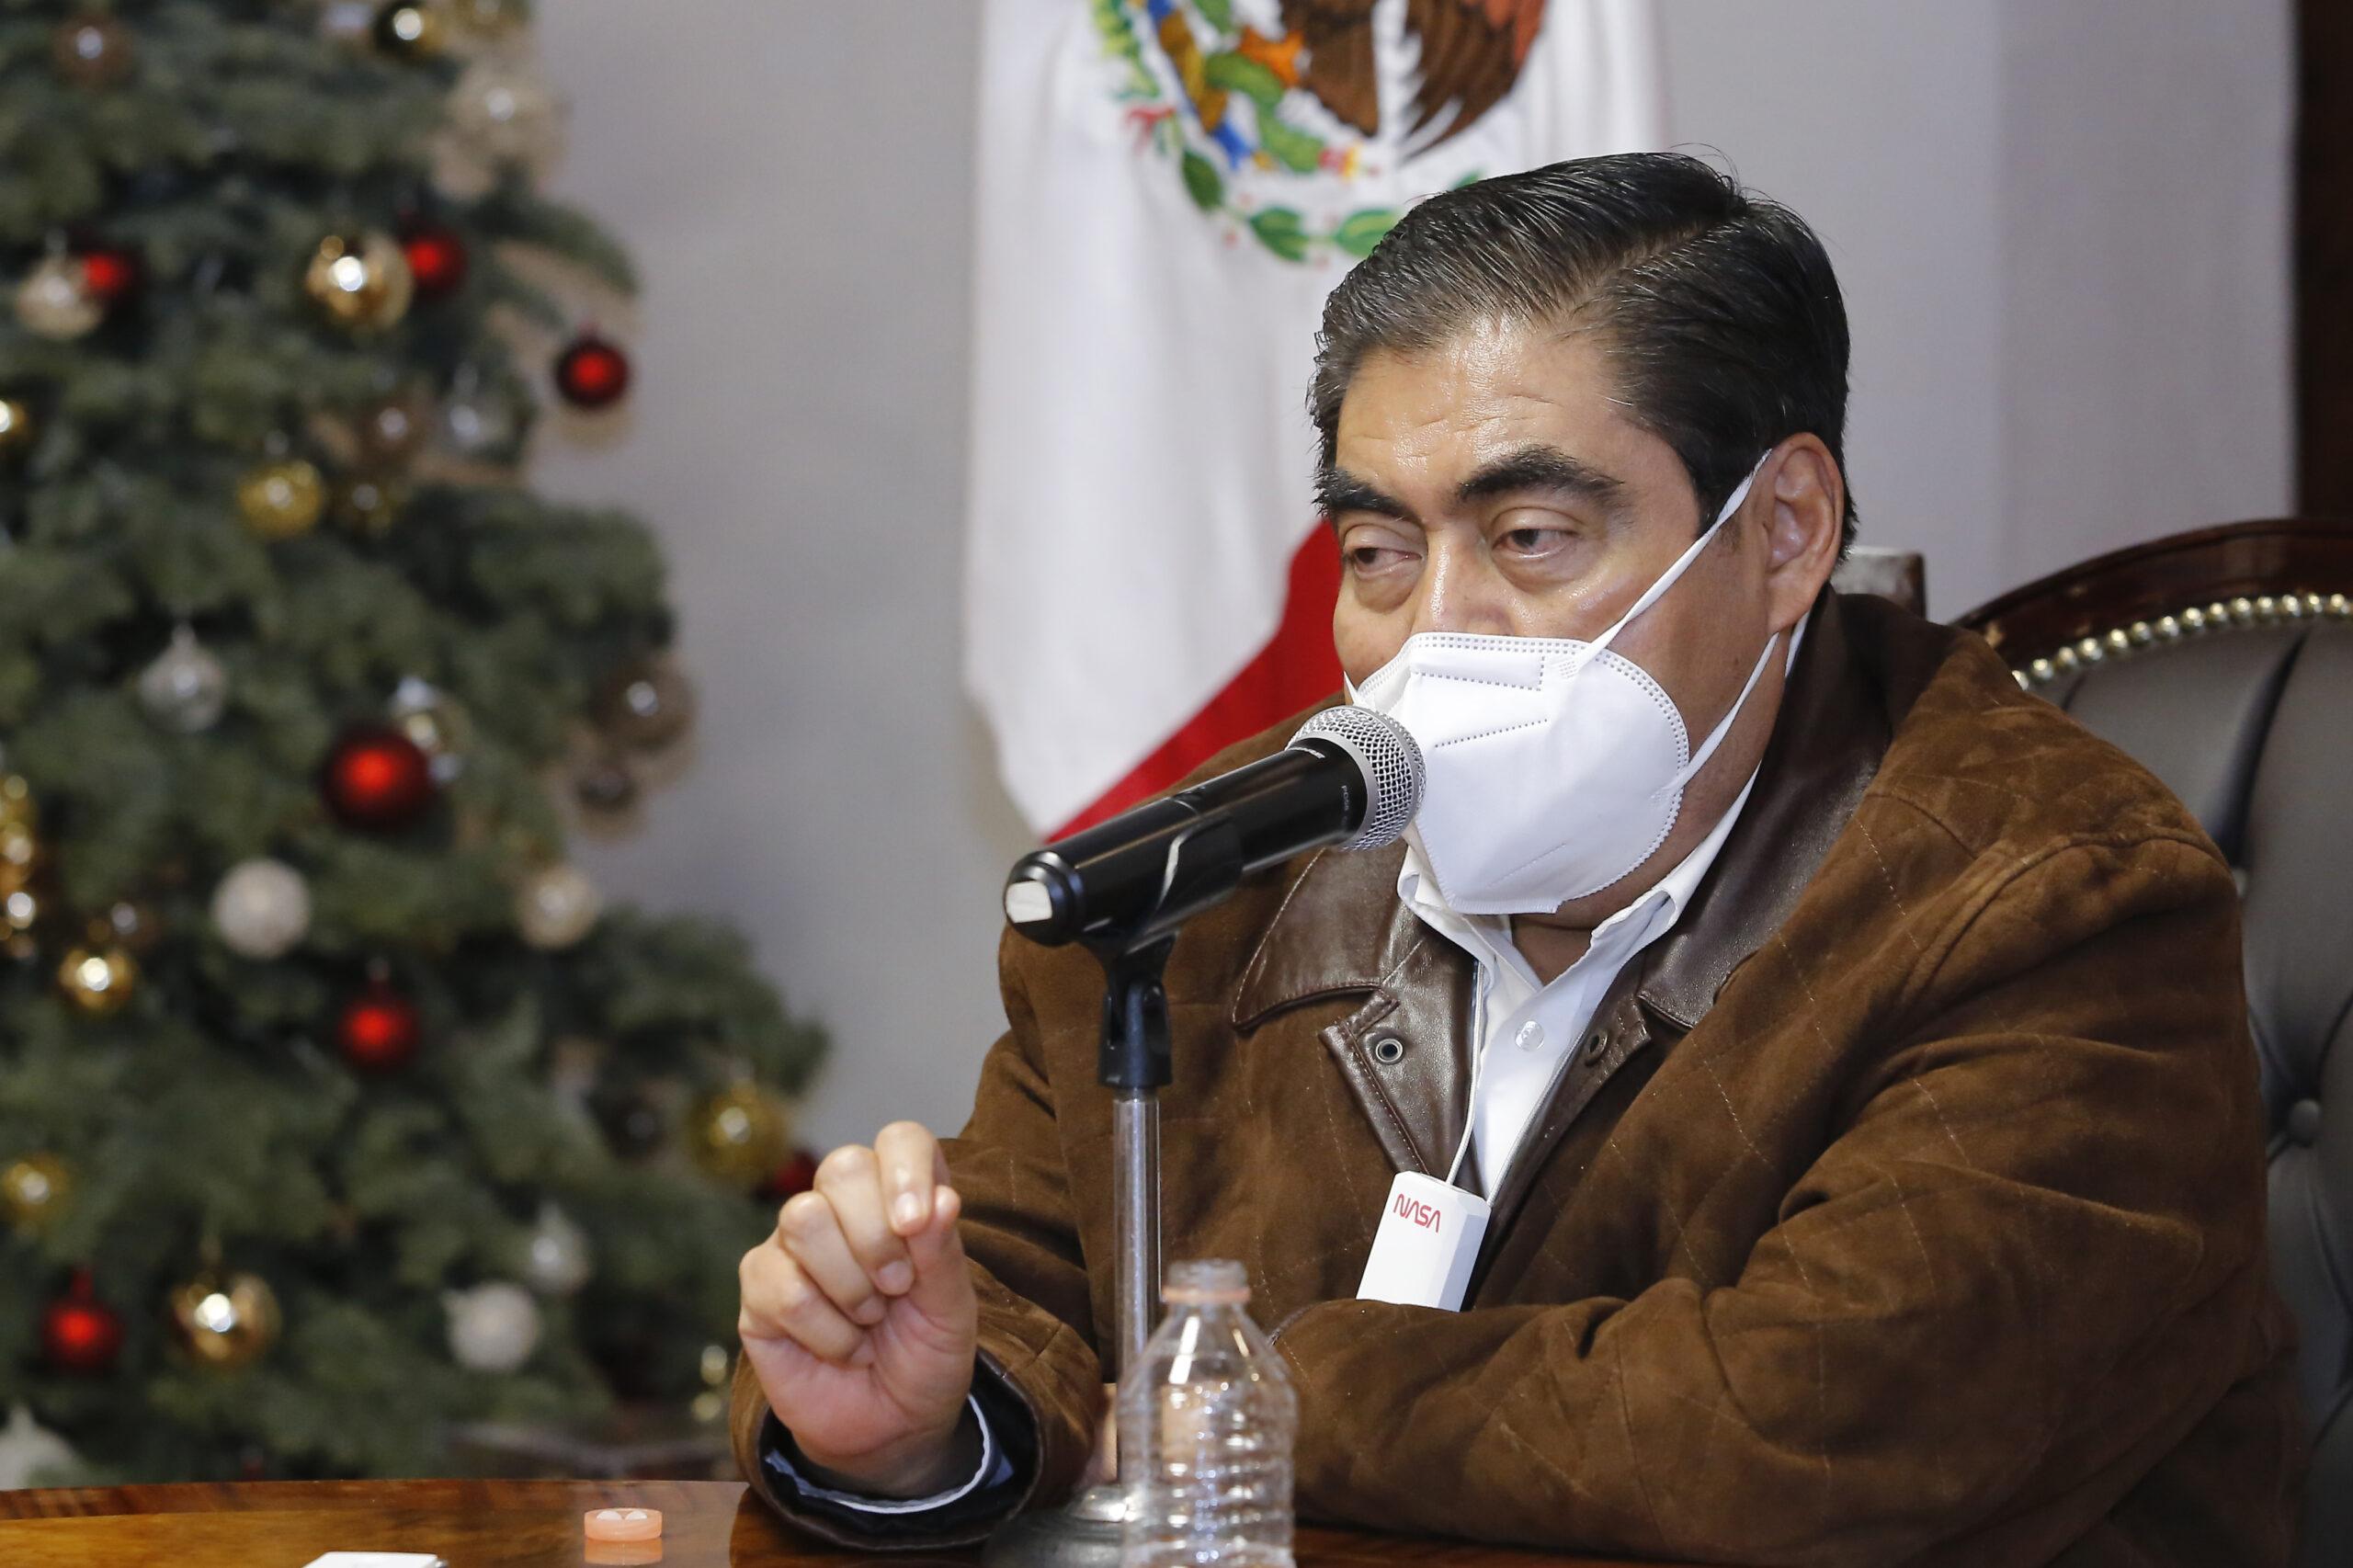 Advierte Barbosa que intervendrá hospitales por negar atención a pacientes con Covid-19